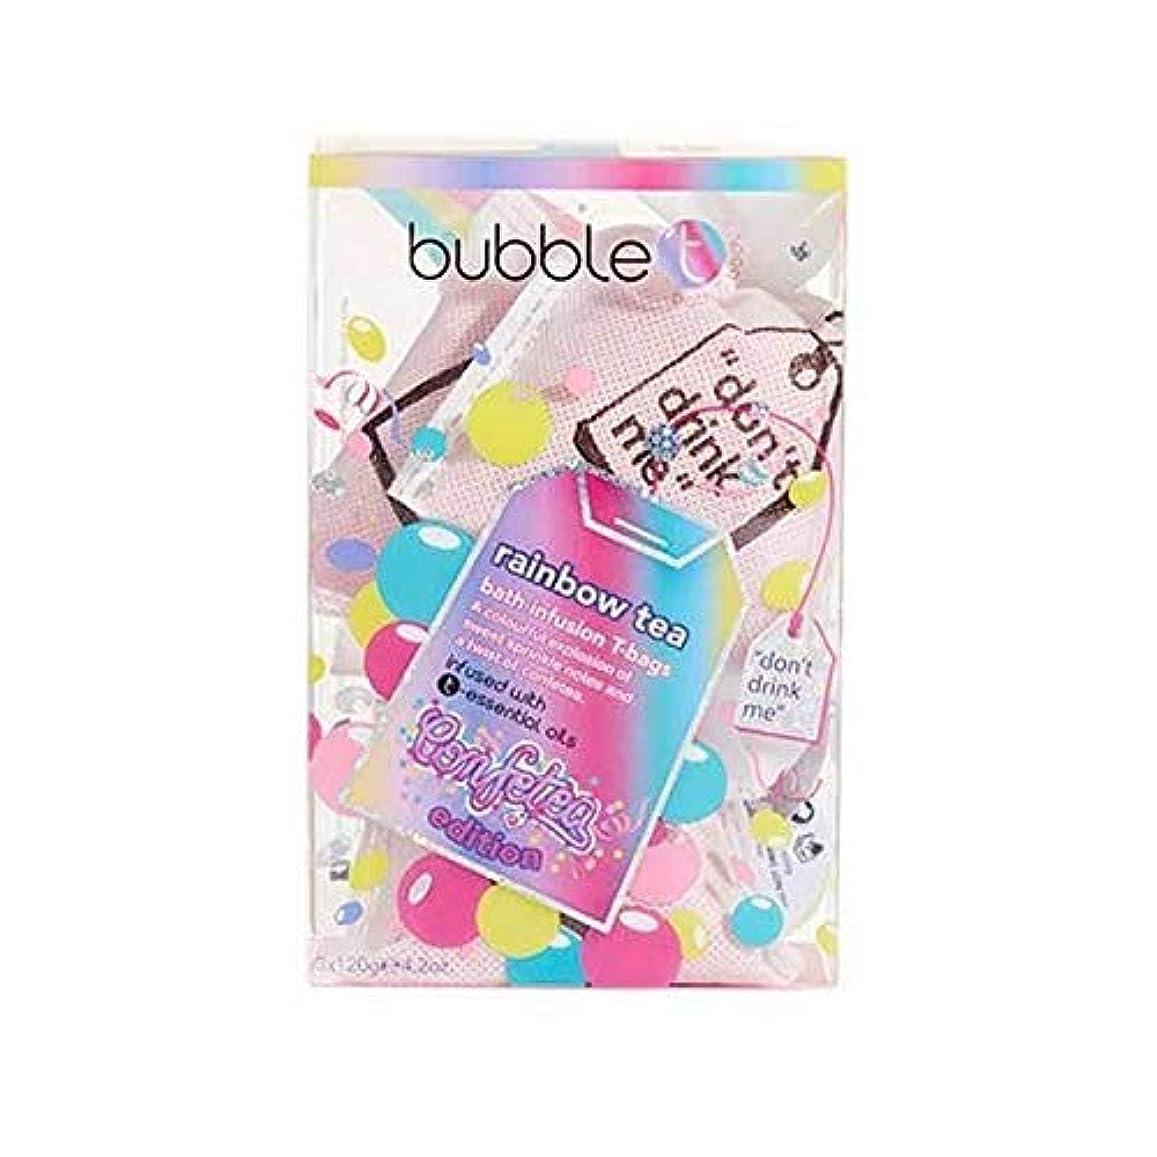 勝利した脱獄マネージャー[Bubble T ] バブルトンの化粧品 - 入浴輸液ティーバッグ虹のお茶 - Bubble T Cosmetics - Bath infusion tea bags Rainbow tea [並行輸入品]